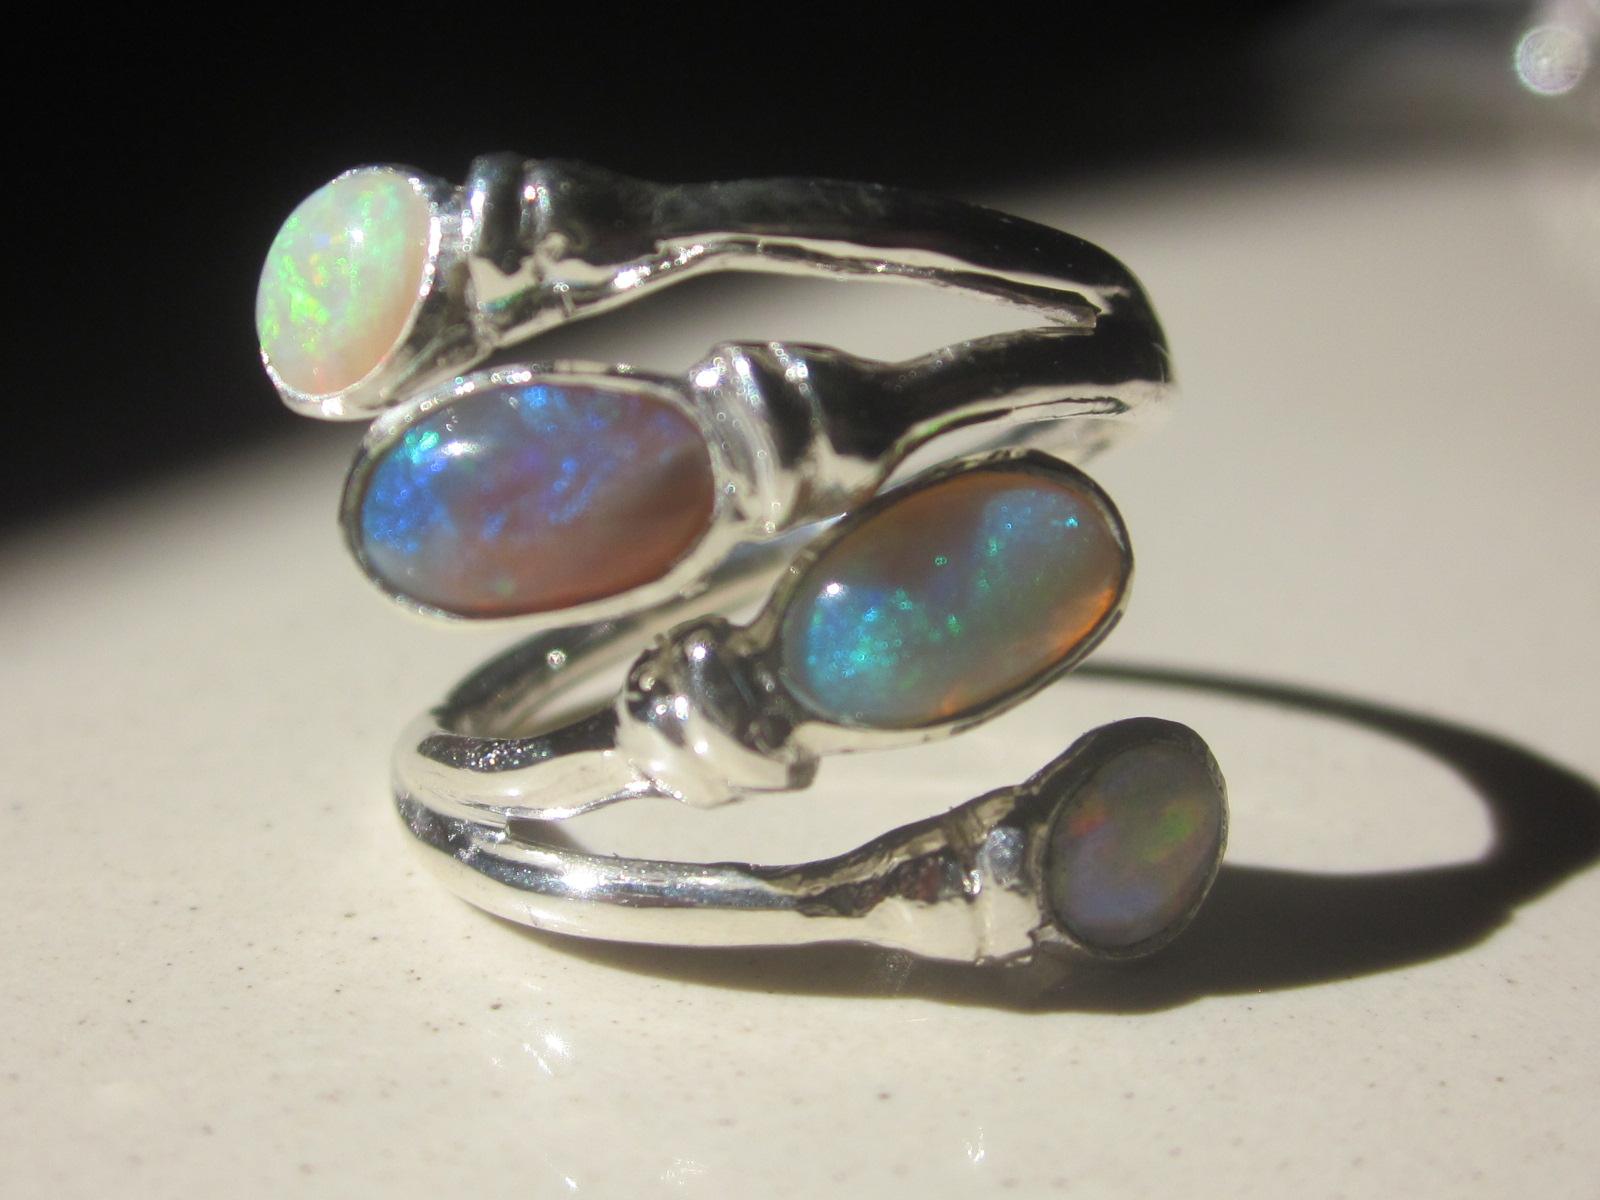 opal rings, october gemstone rings, opal jewellery,october birthstone rings,october birthstone,opal ring,october gemstone ring,ring, october rings, october jewelry, october birth stone